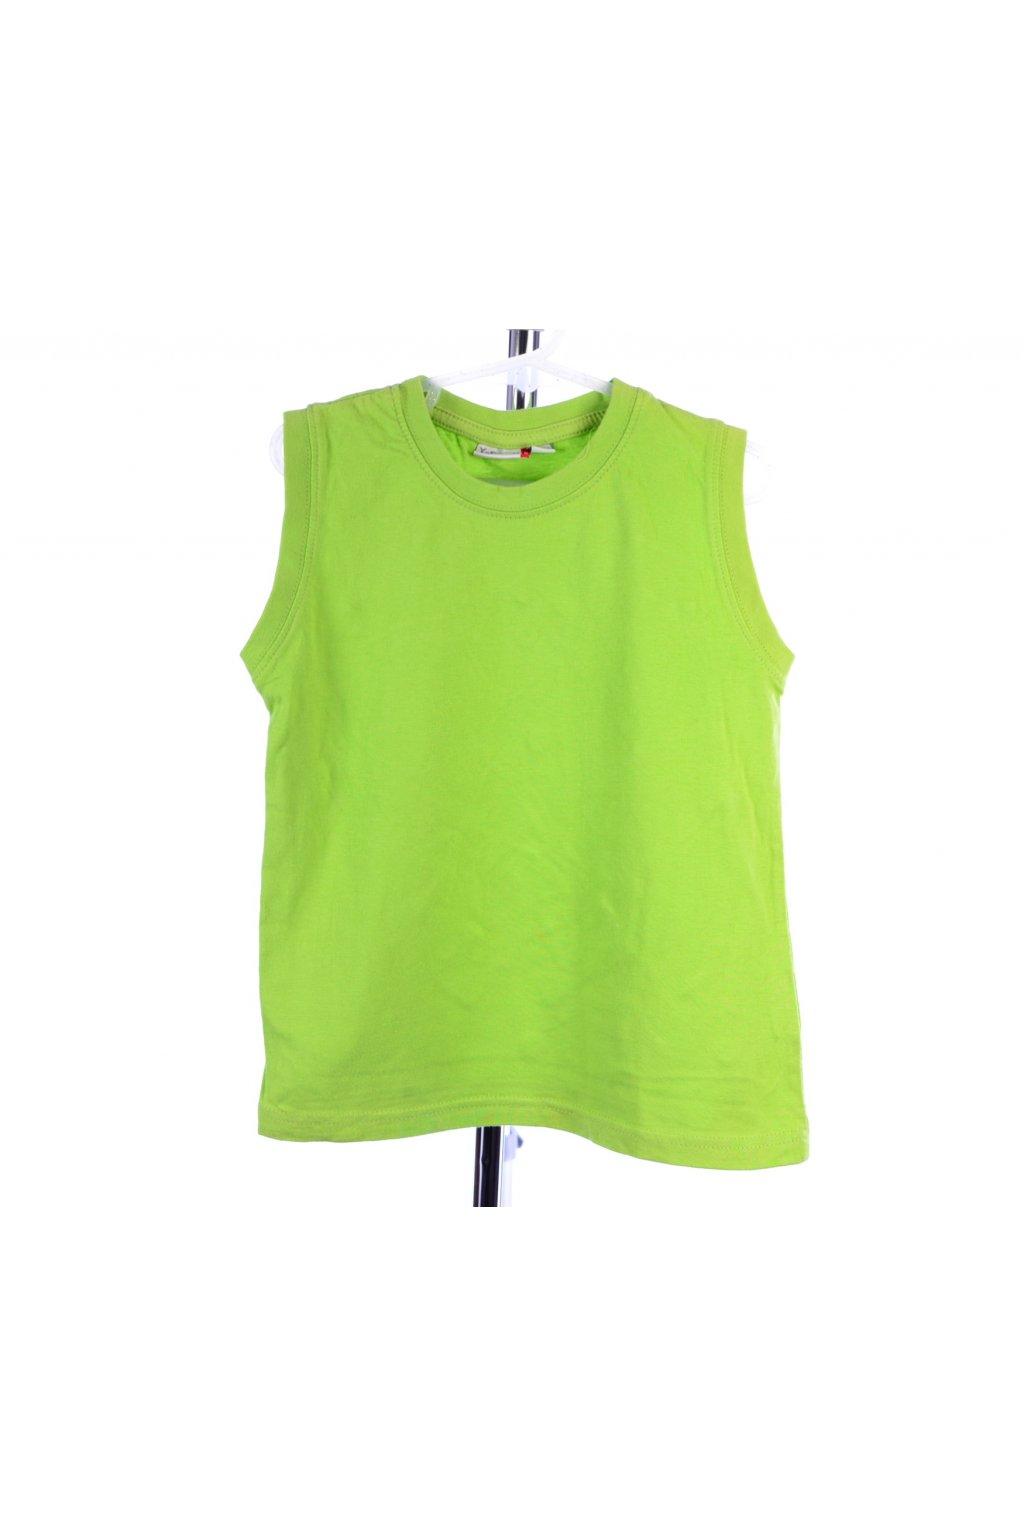 Tričko tílko zelené NKD vel. 104 / 110